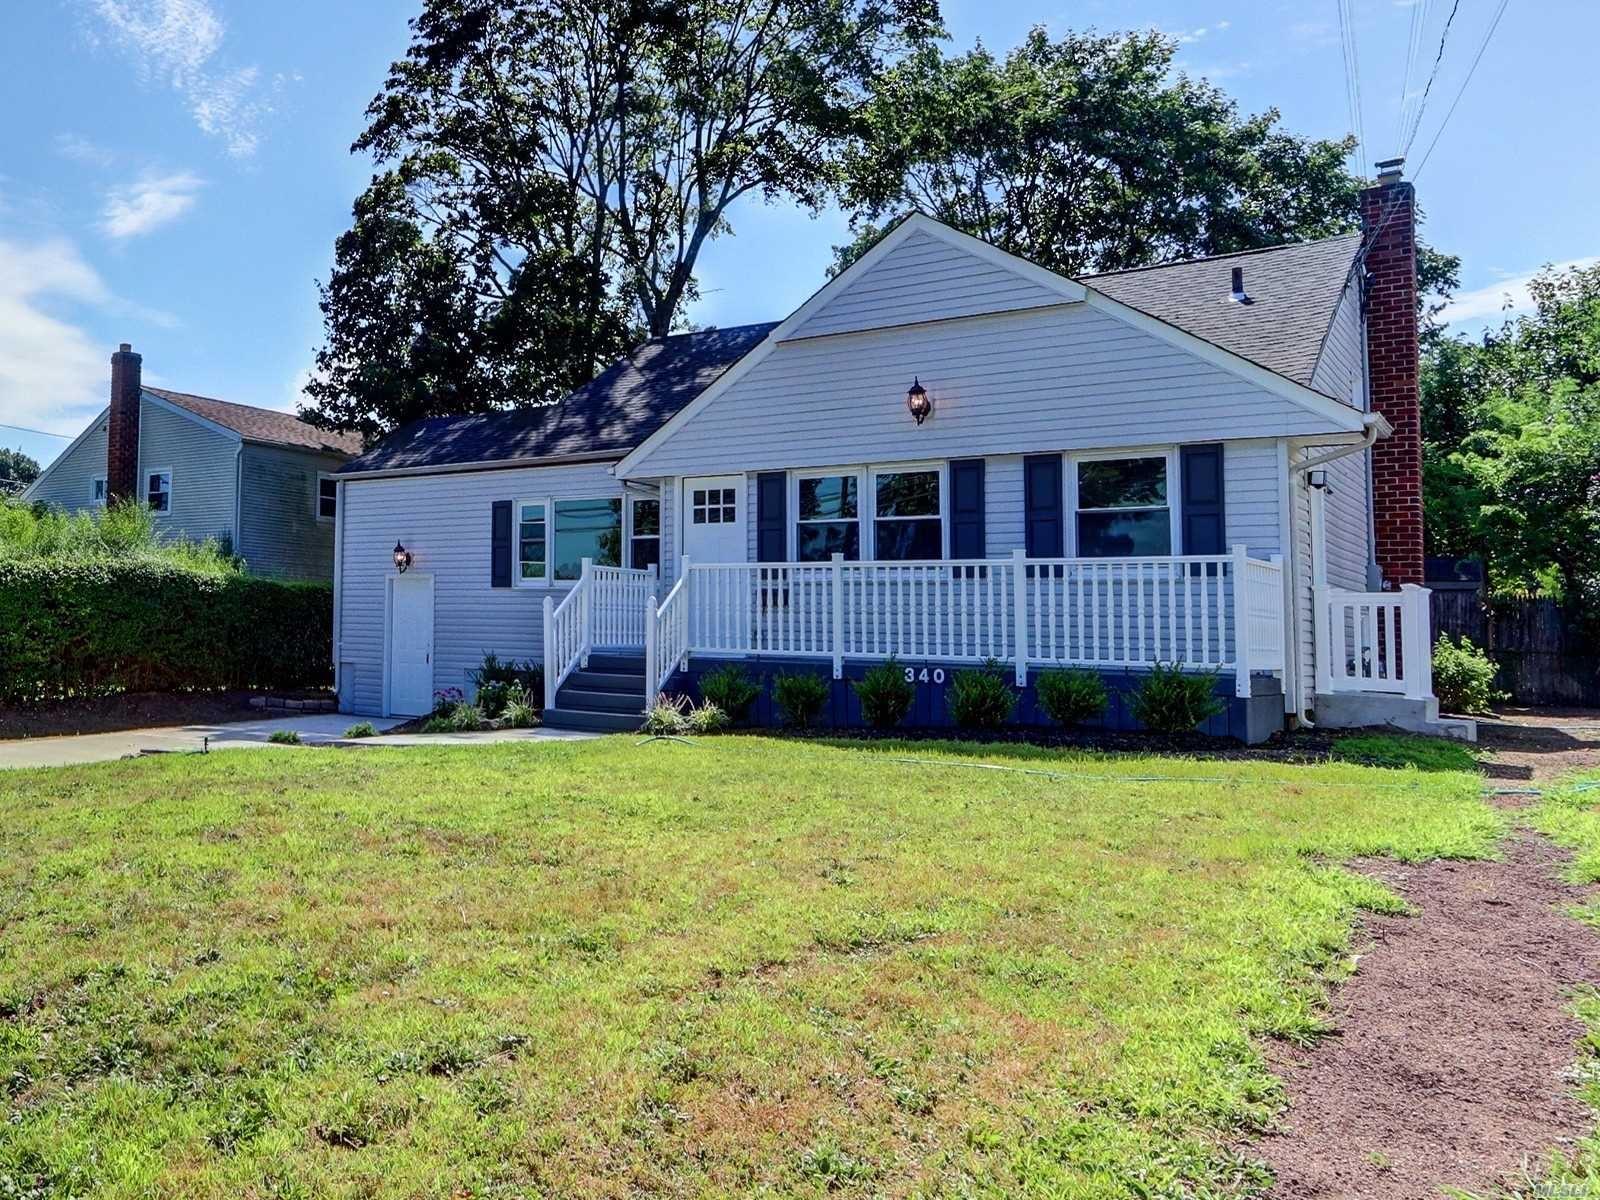 340 Hicksville Road, Massapequa, NY 11758 - MLS#: 3239927